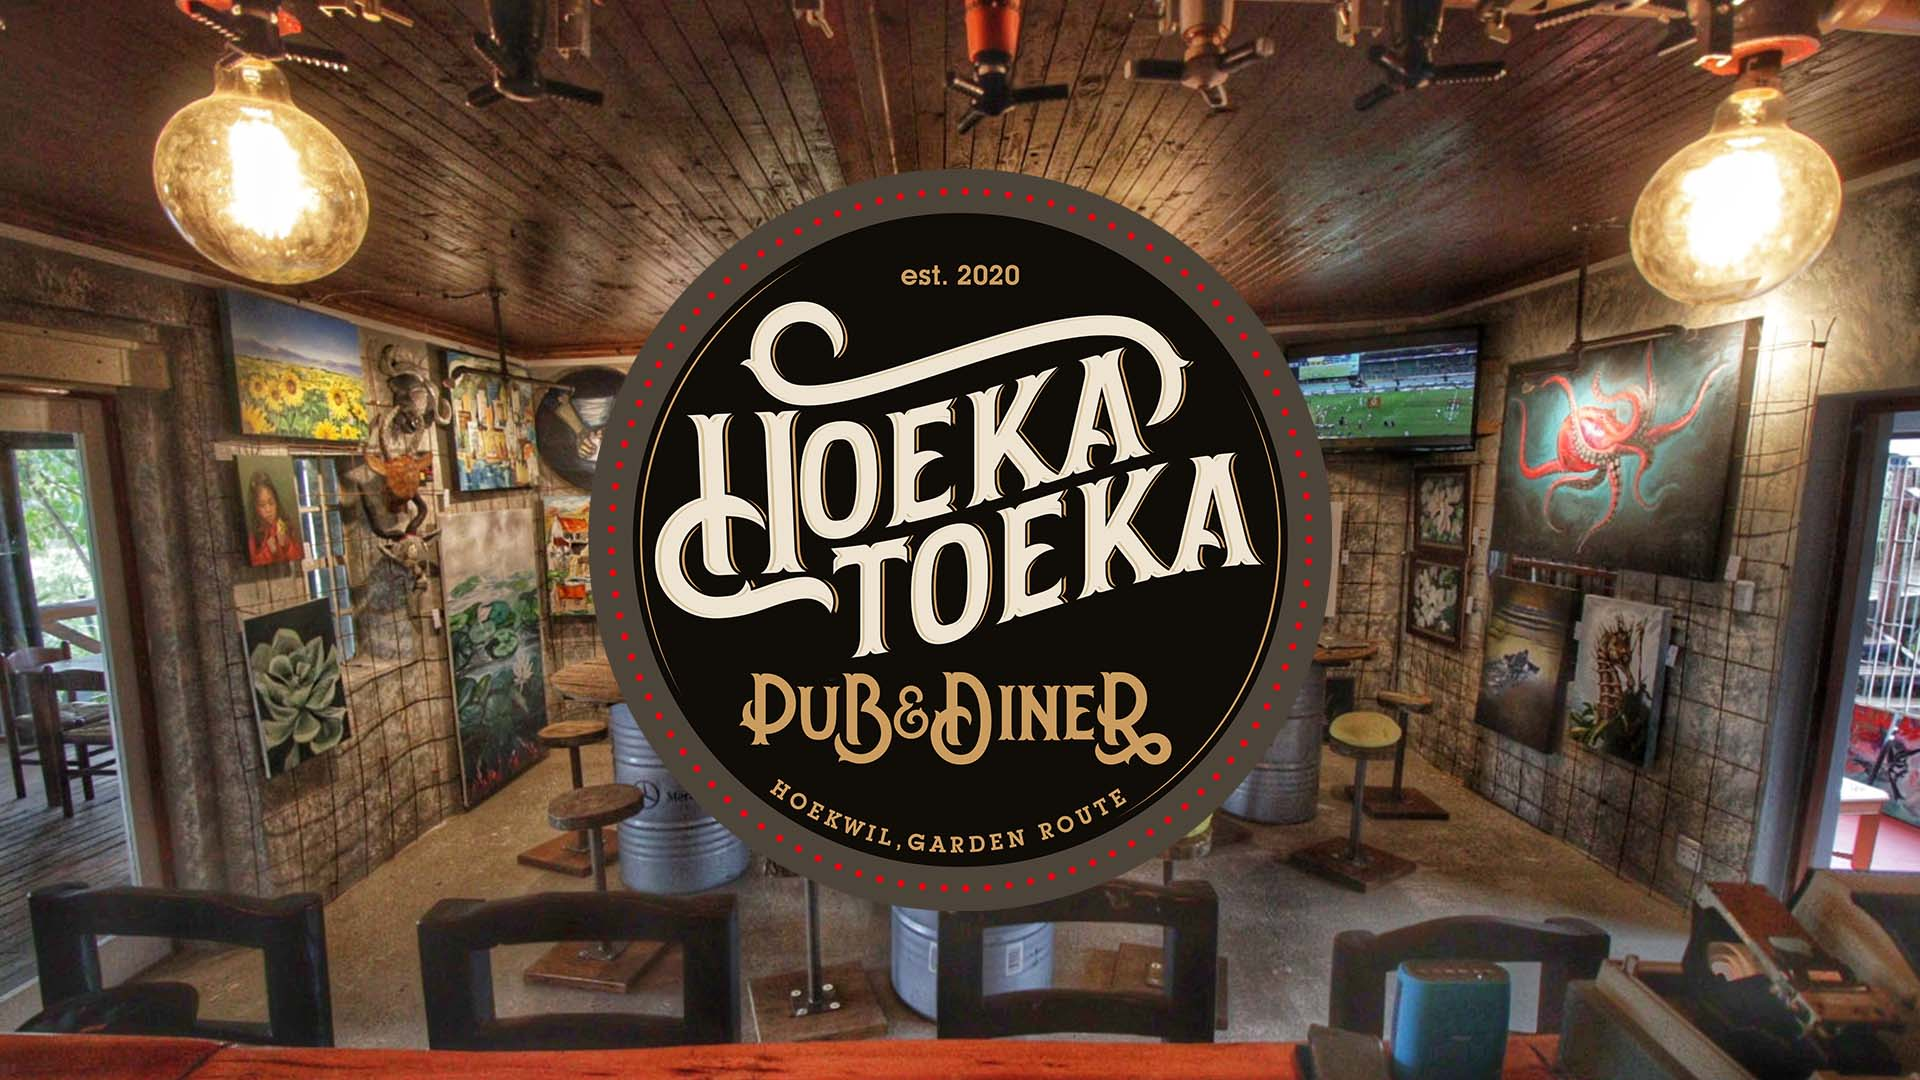 Hoeka Toeka